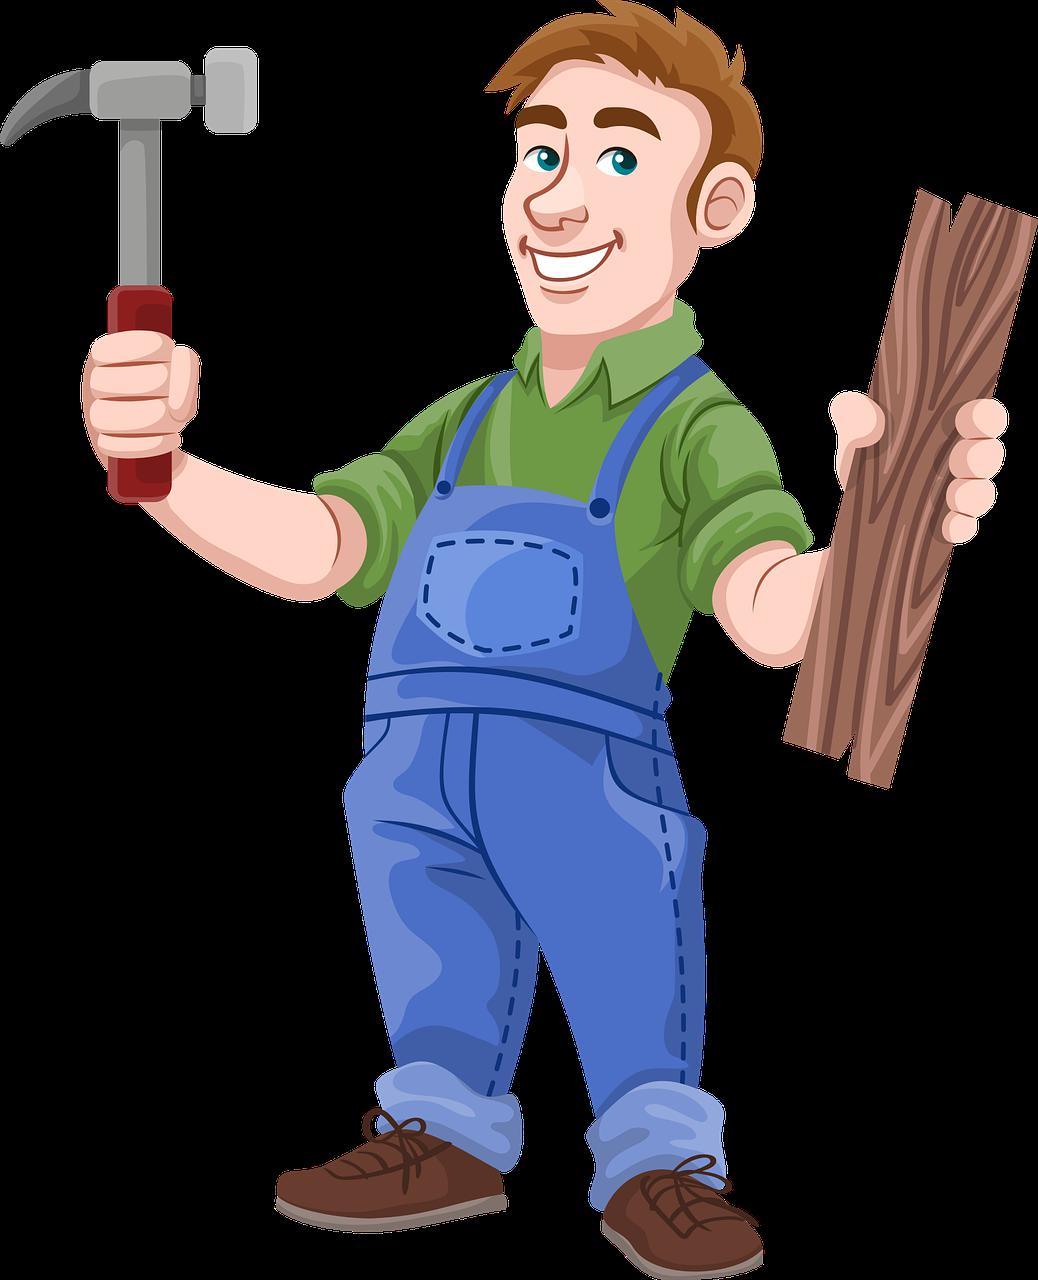 Extension ossature bois à Combs-la-ville 77380 : Devis et tarifs